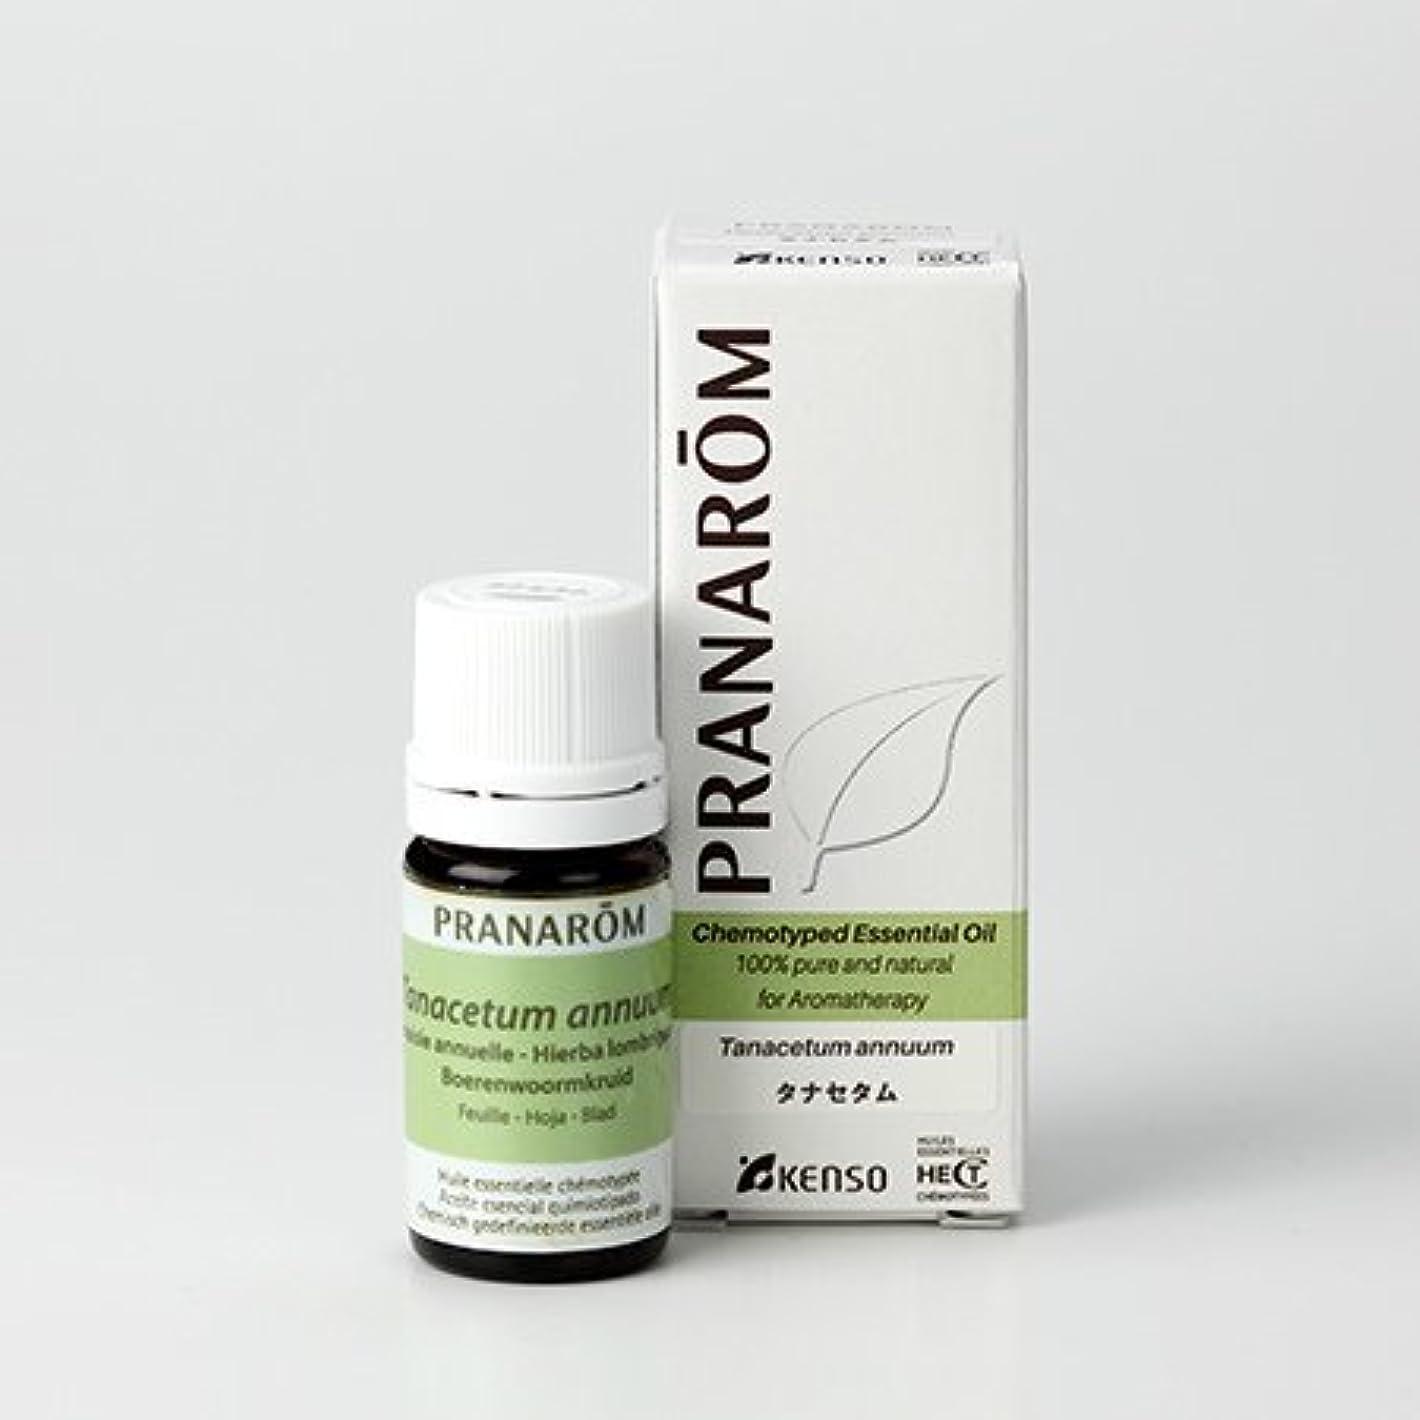 把握虫を数えるルーム【タナセタム 5ml】→甘みのある、濃厚でフルーティな香り?(リラックスハーブ系)[PRANAROM(プラナロム)精油/アロマオイル/エッセンシャルオイル]P-173